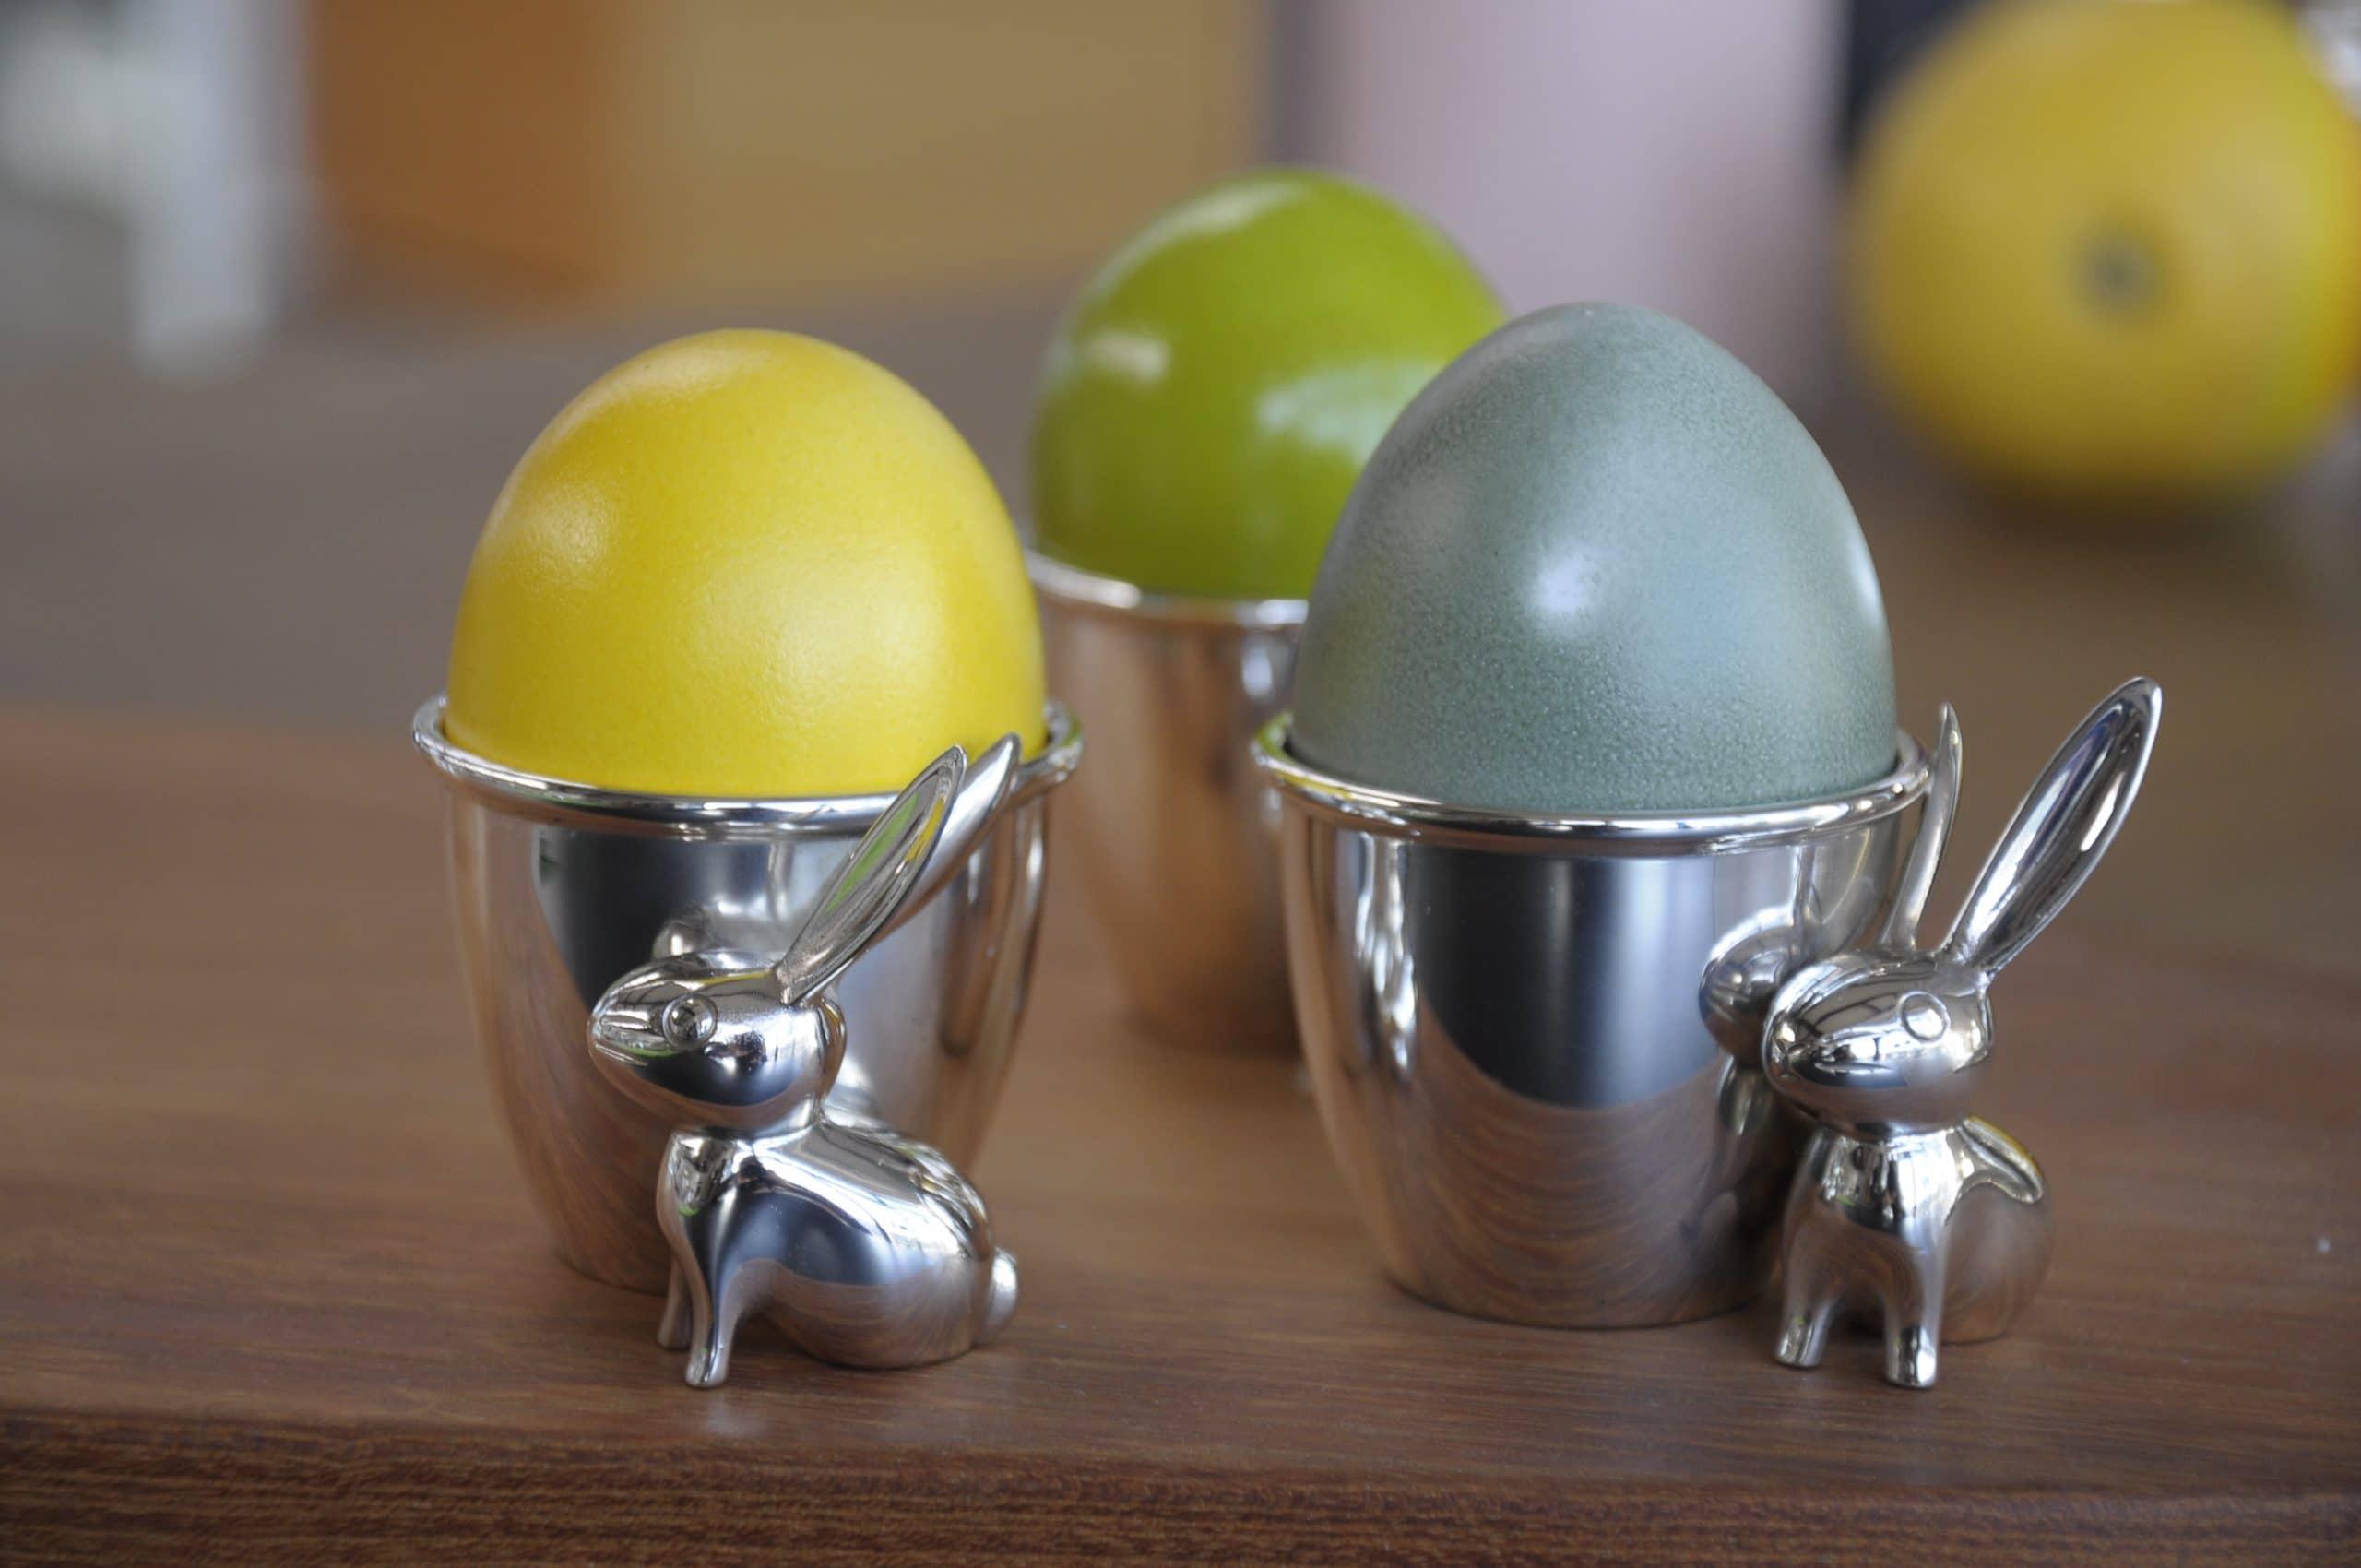 Eierbecher mit bunten Eiern und einem silber Hasen